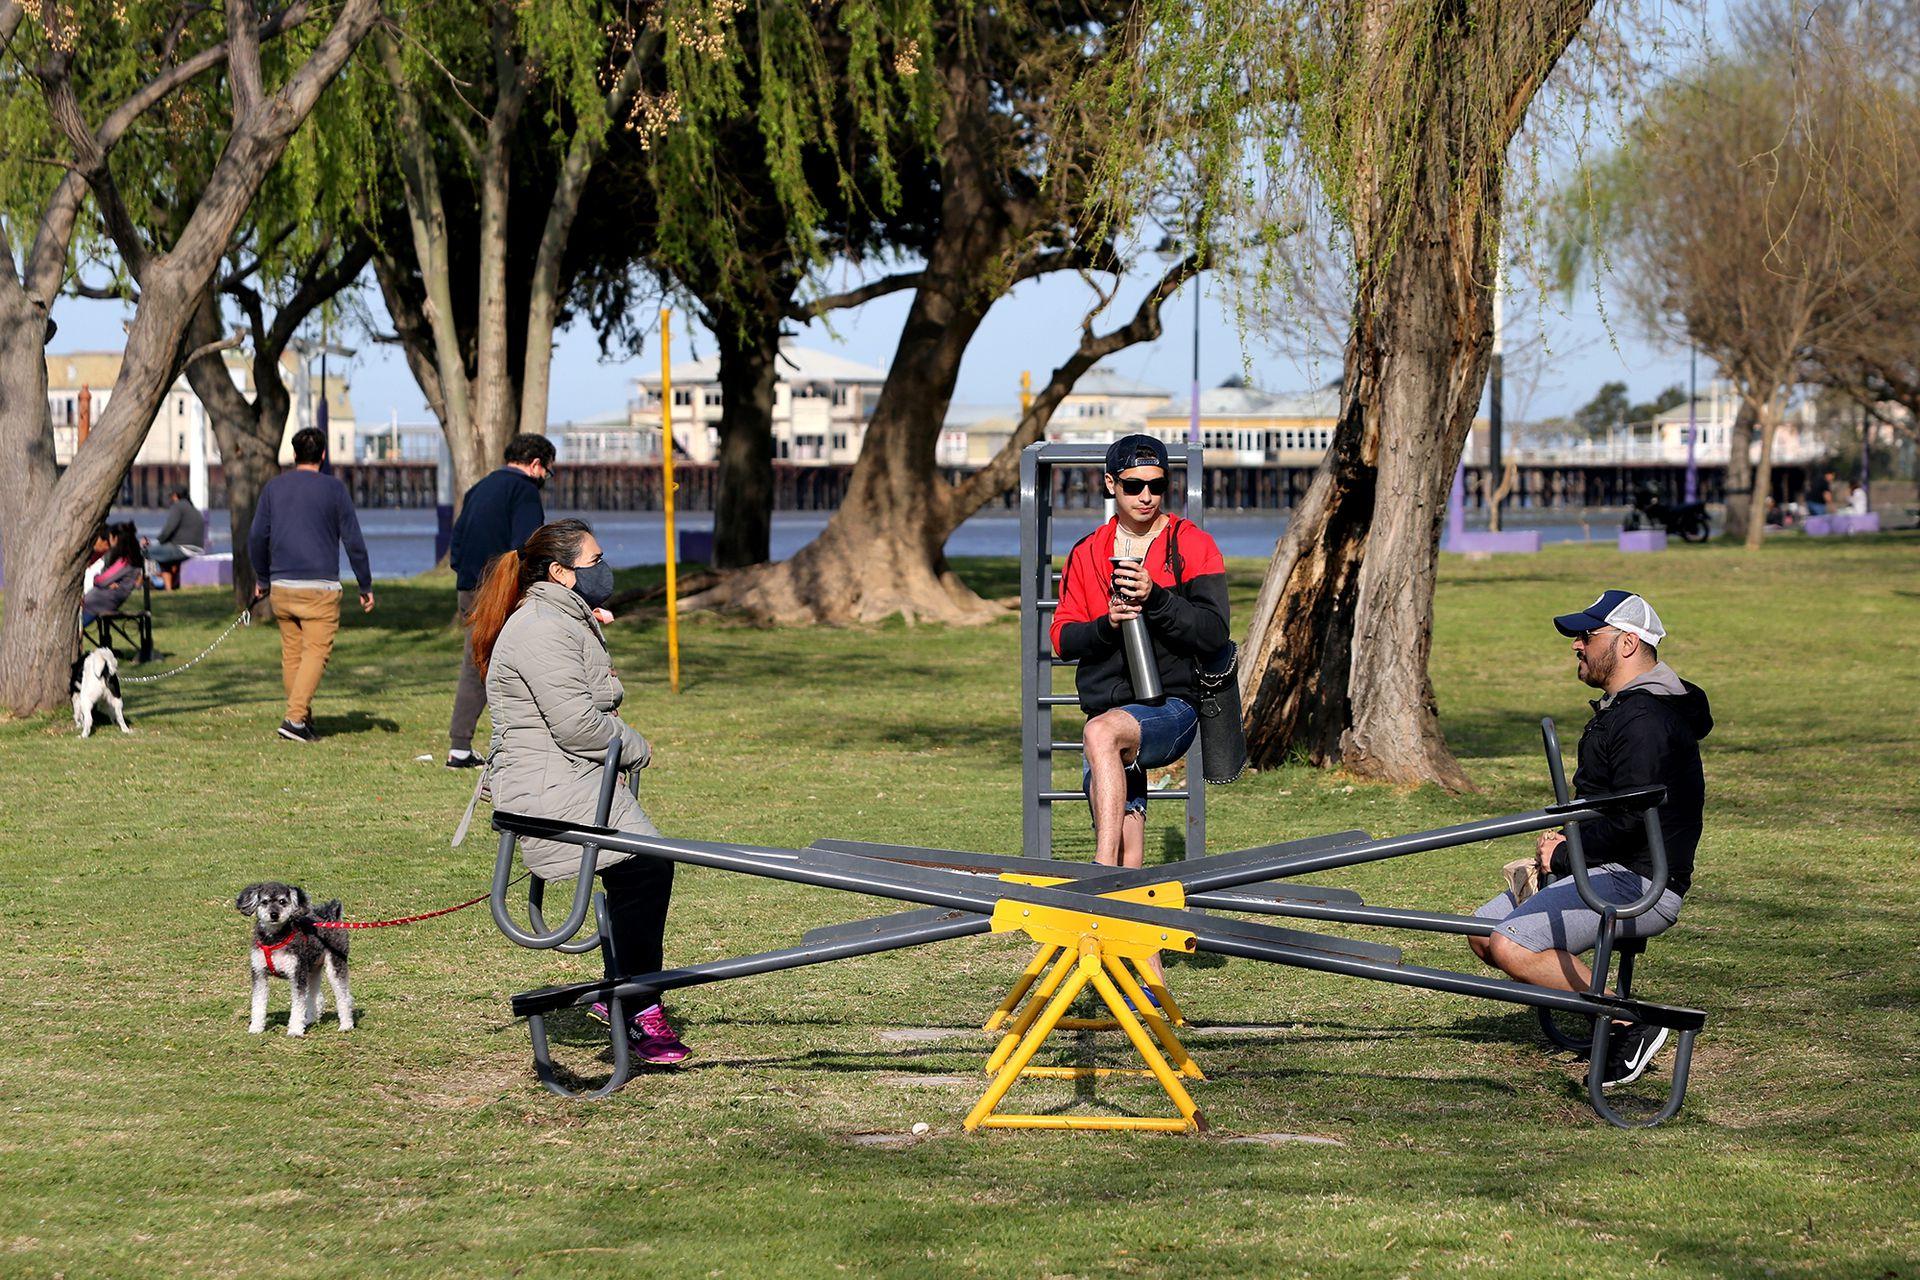 Un encuentro en los juegos de la ribera de Quilmes